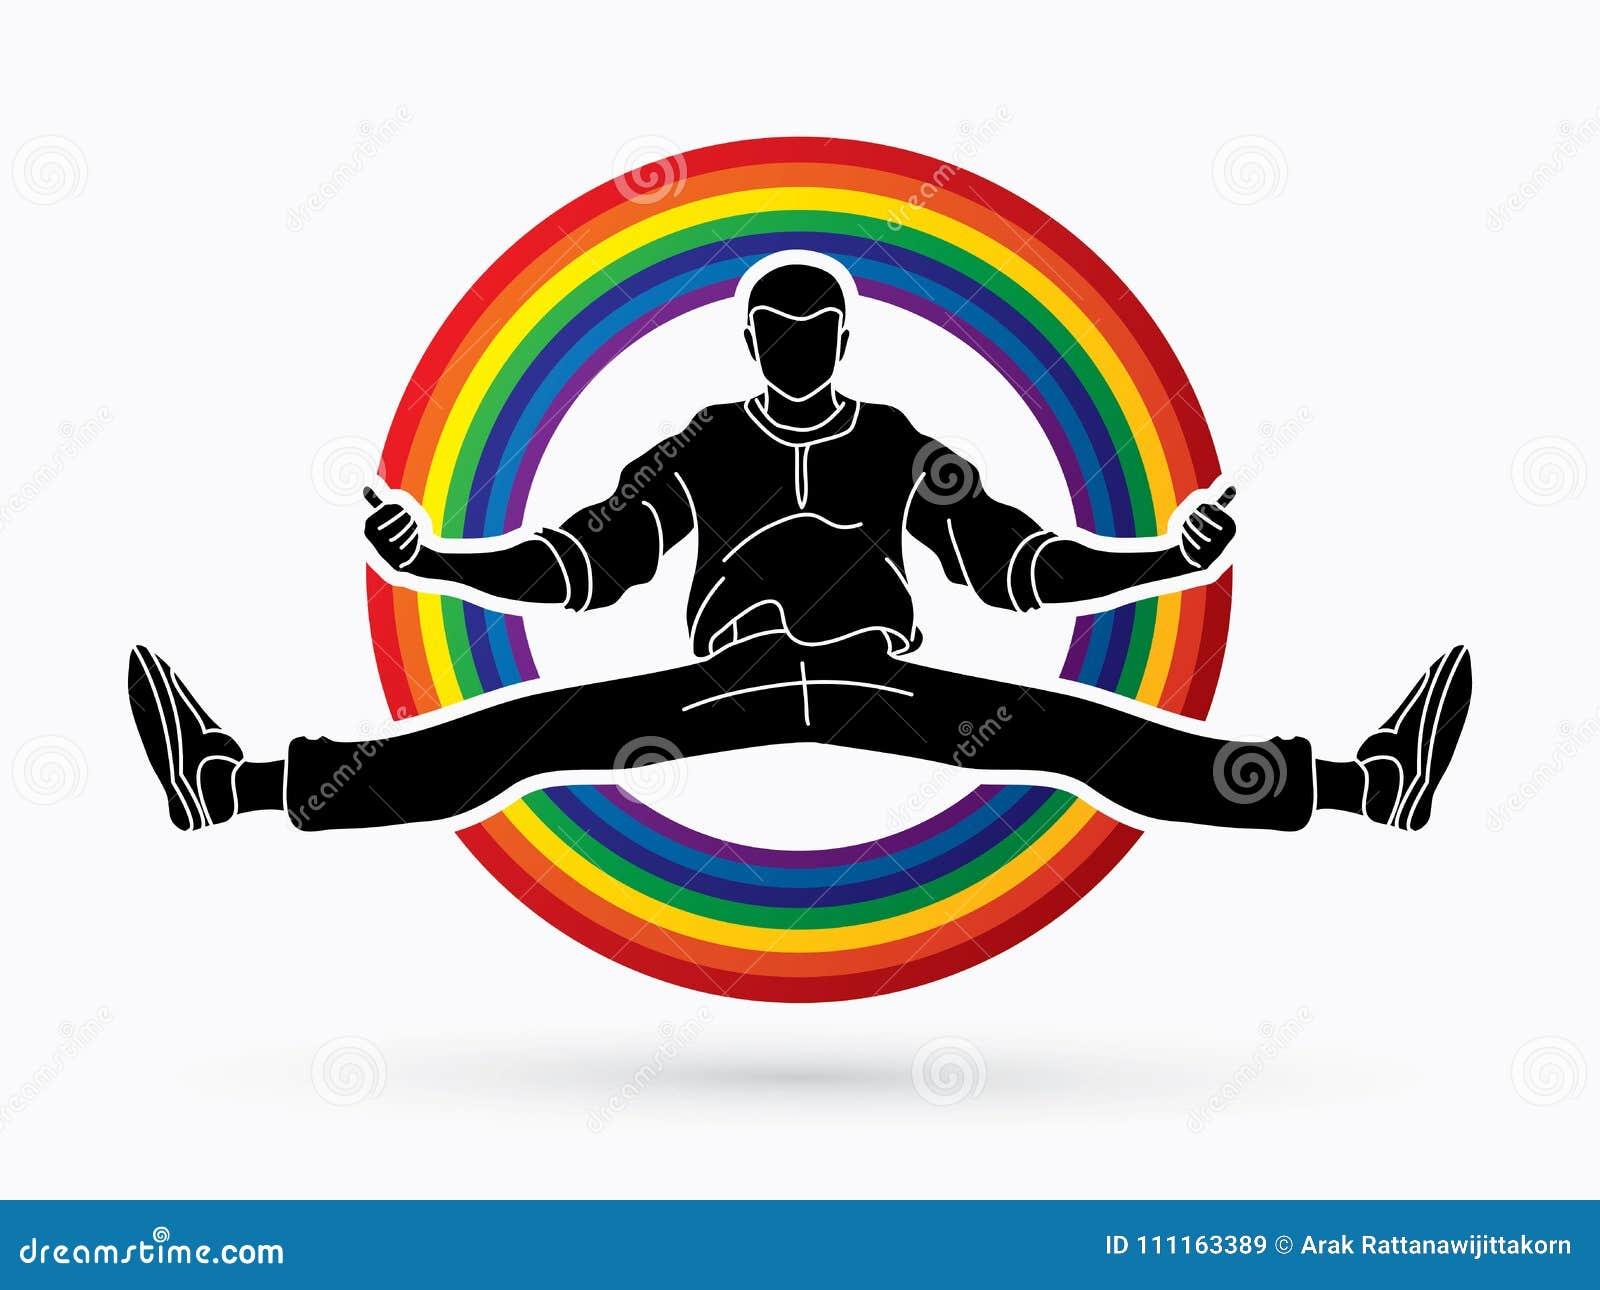 舞蹈家, Hip Hop,街道舞蹈, B男孩,舞蹈行动图表传染媒介